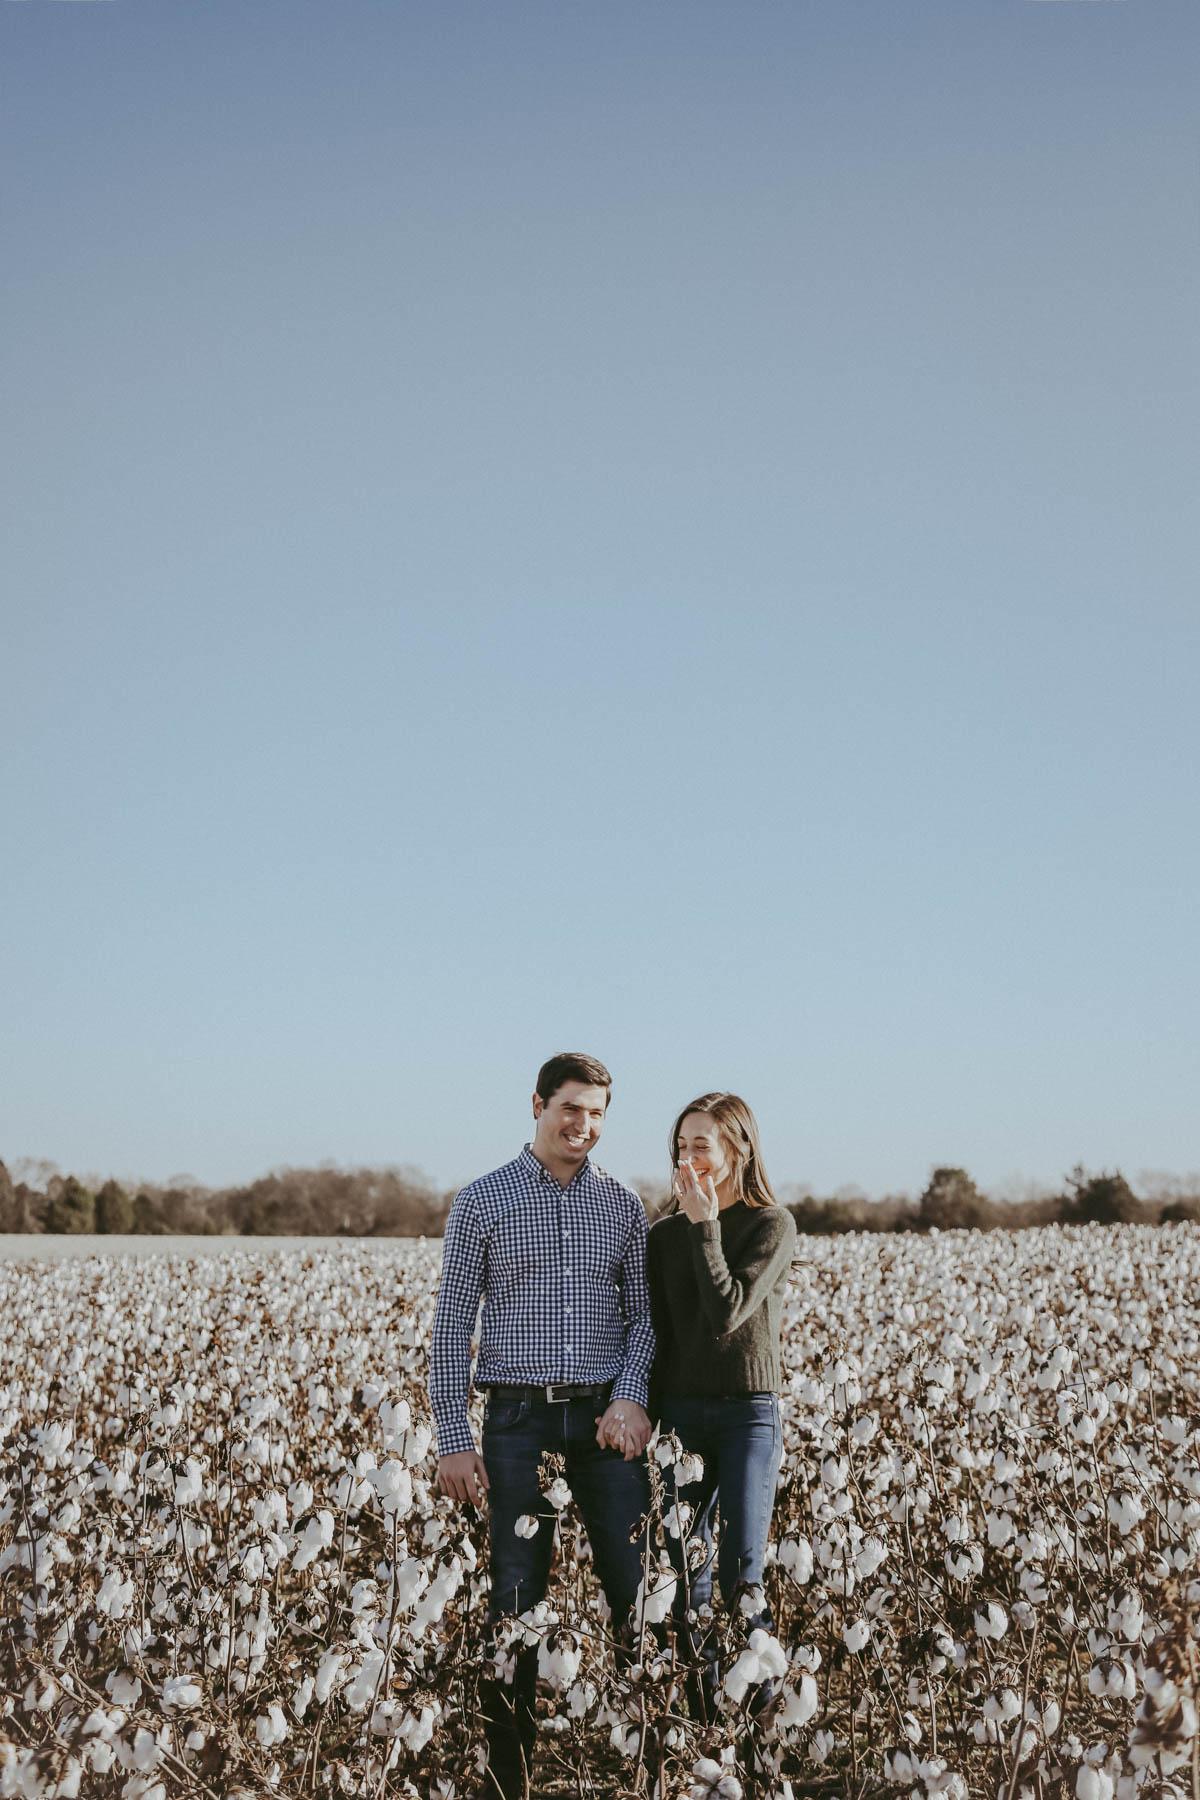 Nashville_Cotton_Field_Engagement-17.jpg